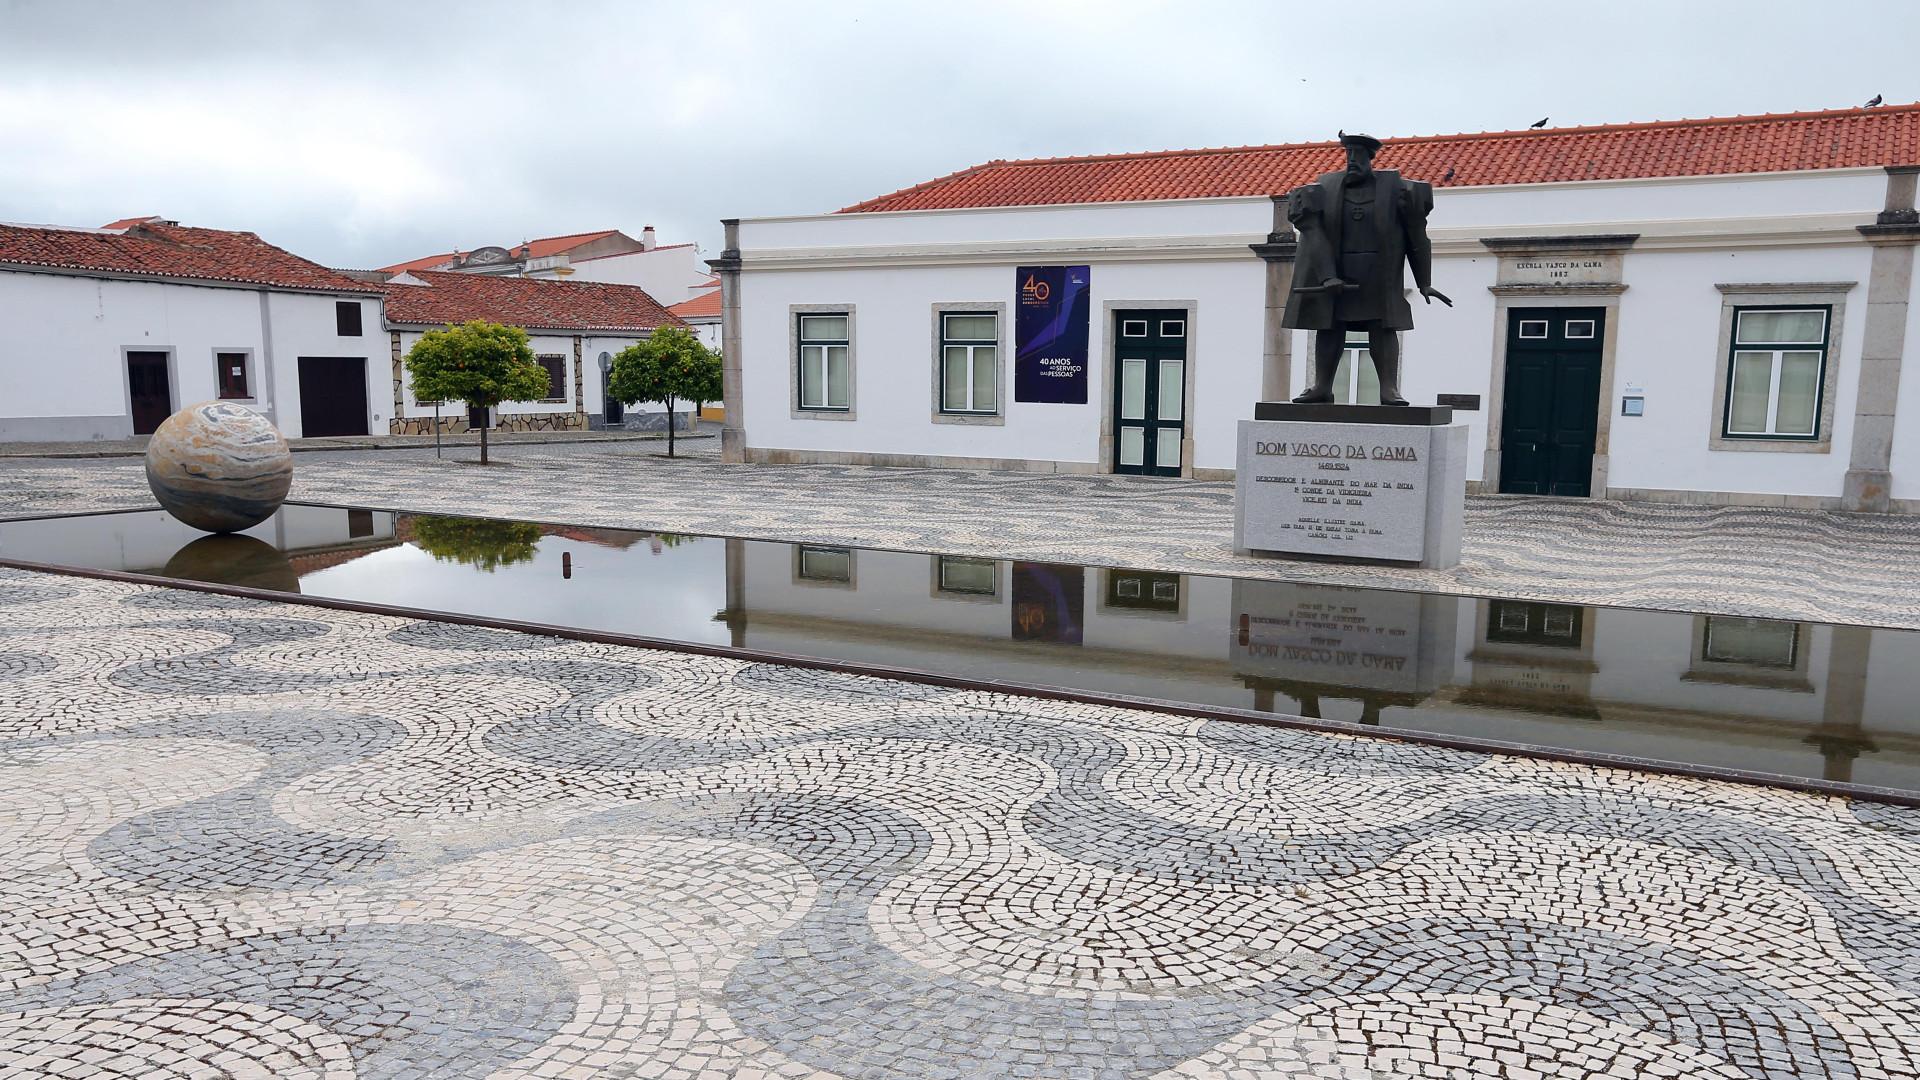 Vidigueira promove bienal de artes com 330 obras em exposição